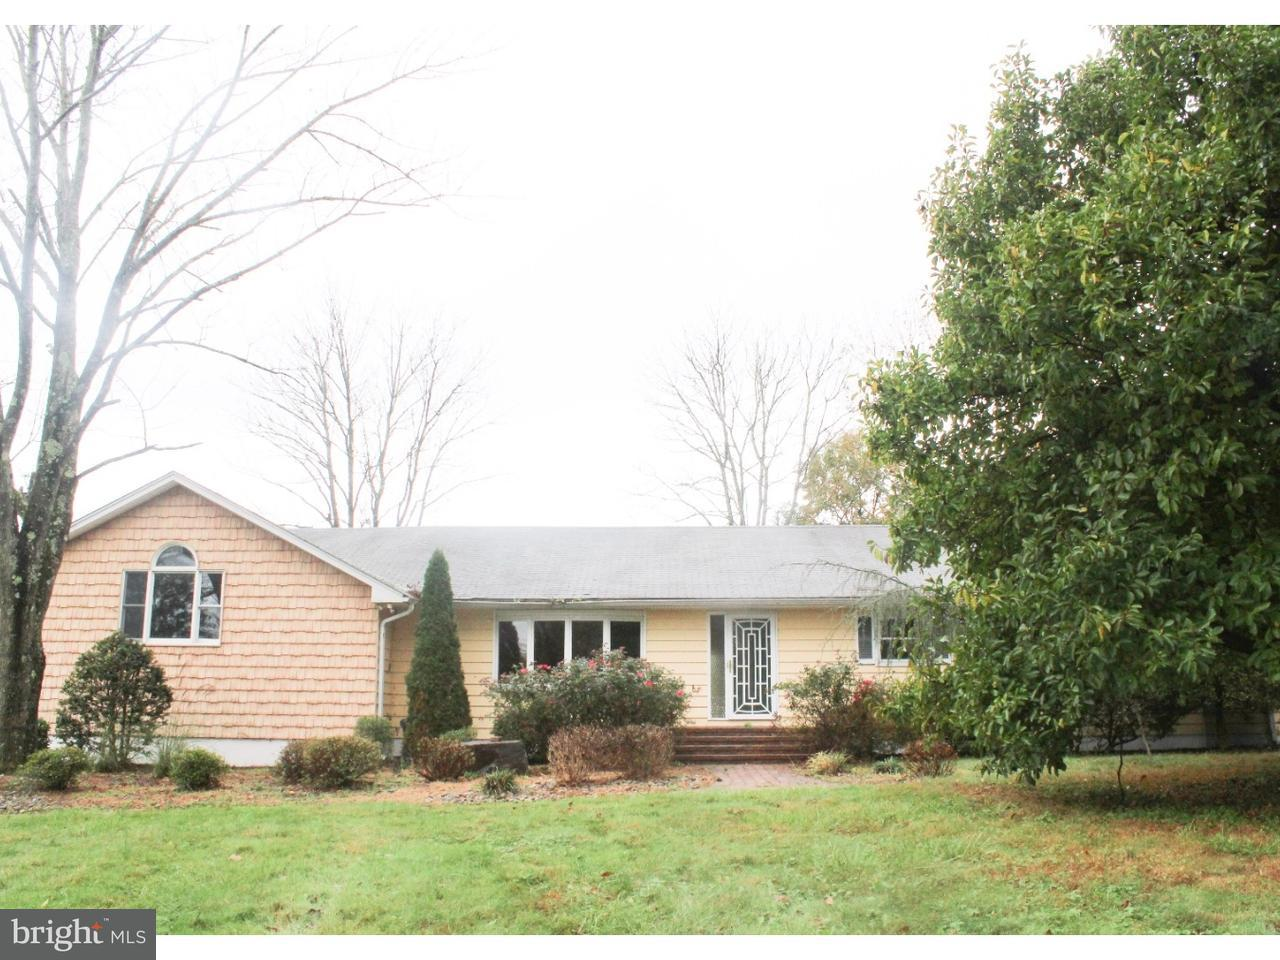 Частный односемейный дом для того Продажа на 2 WINDING BROOK WAY Titusville, Нью-Джерси 08560 Соединенные ШтатыВ/Около: Hopewell Township